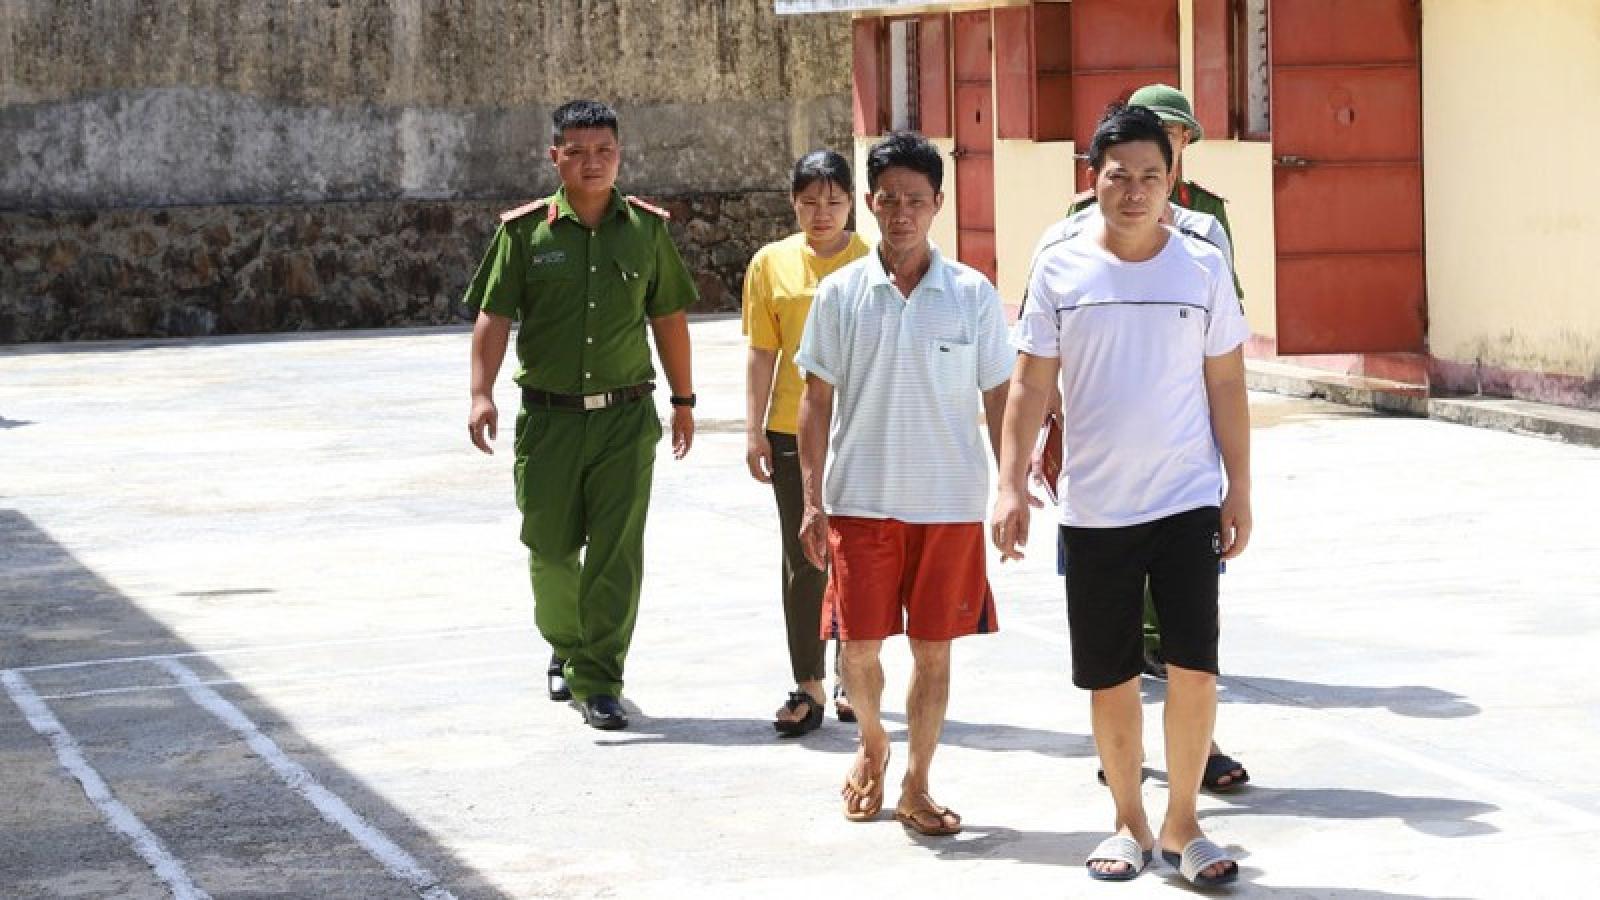 Triệt phá đường dây lô đê hàng tỷ đồng ở Hà Tĩnh